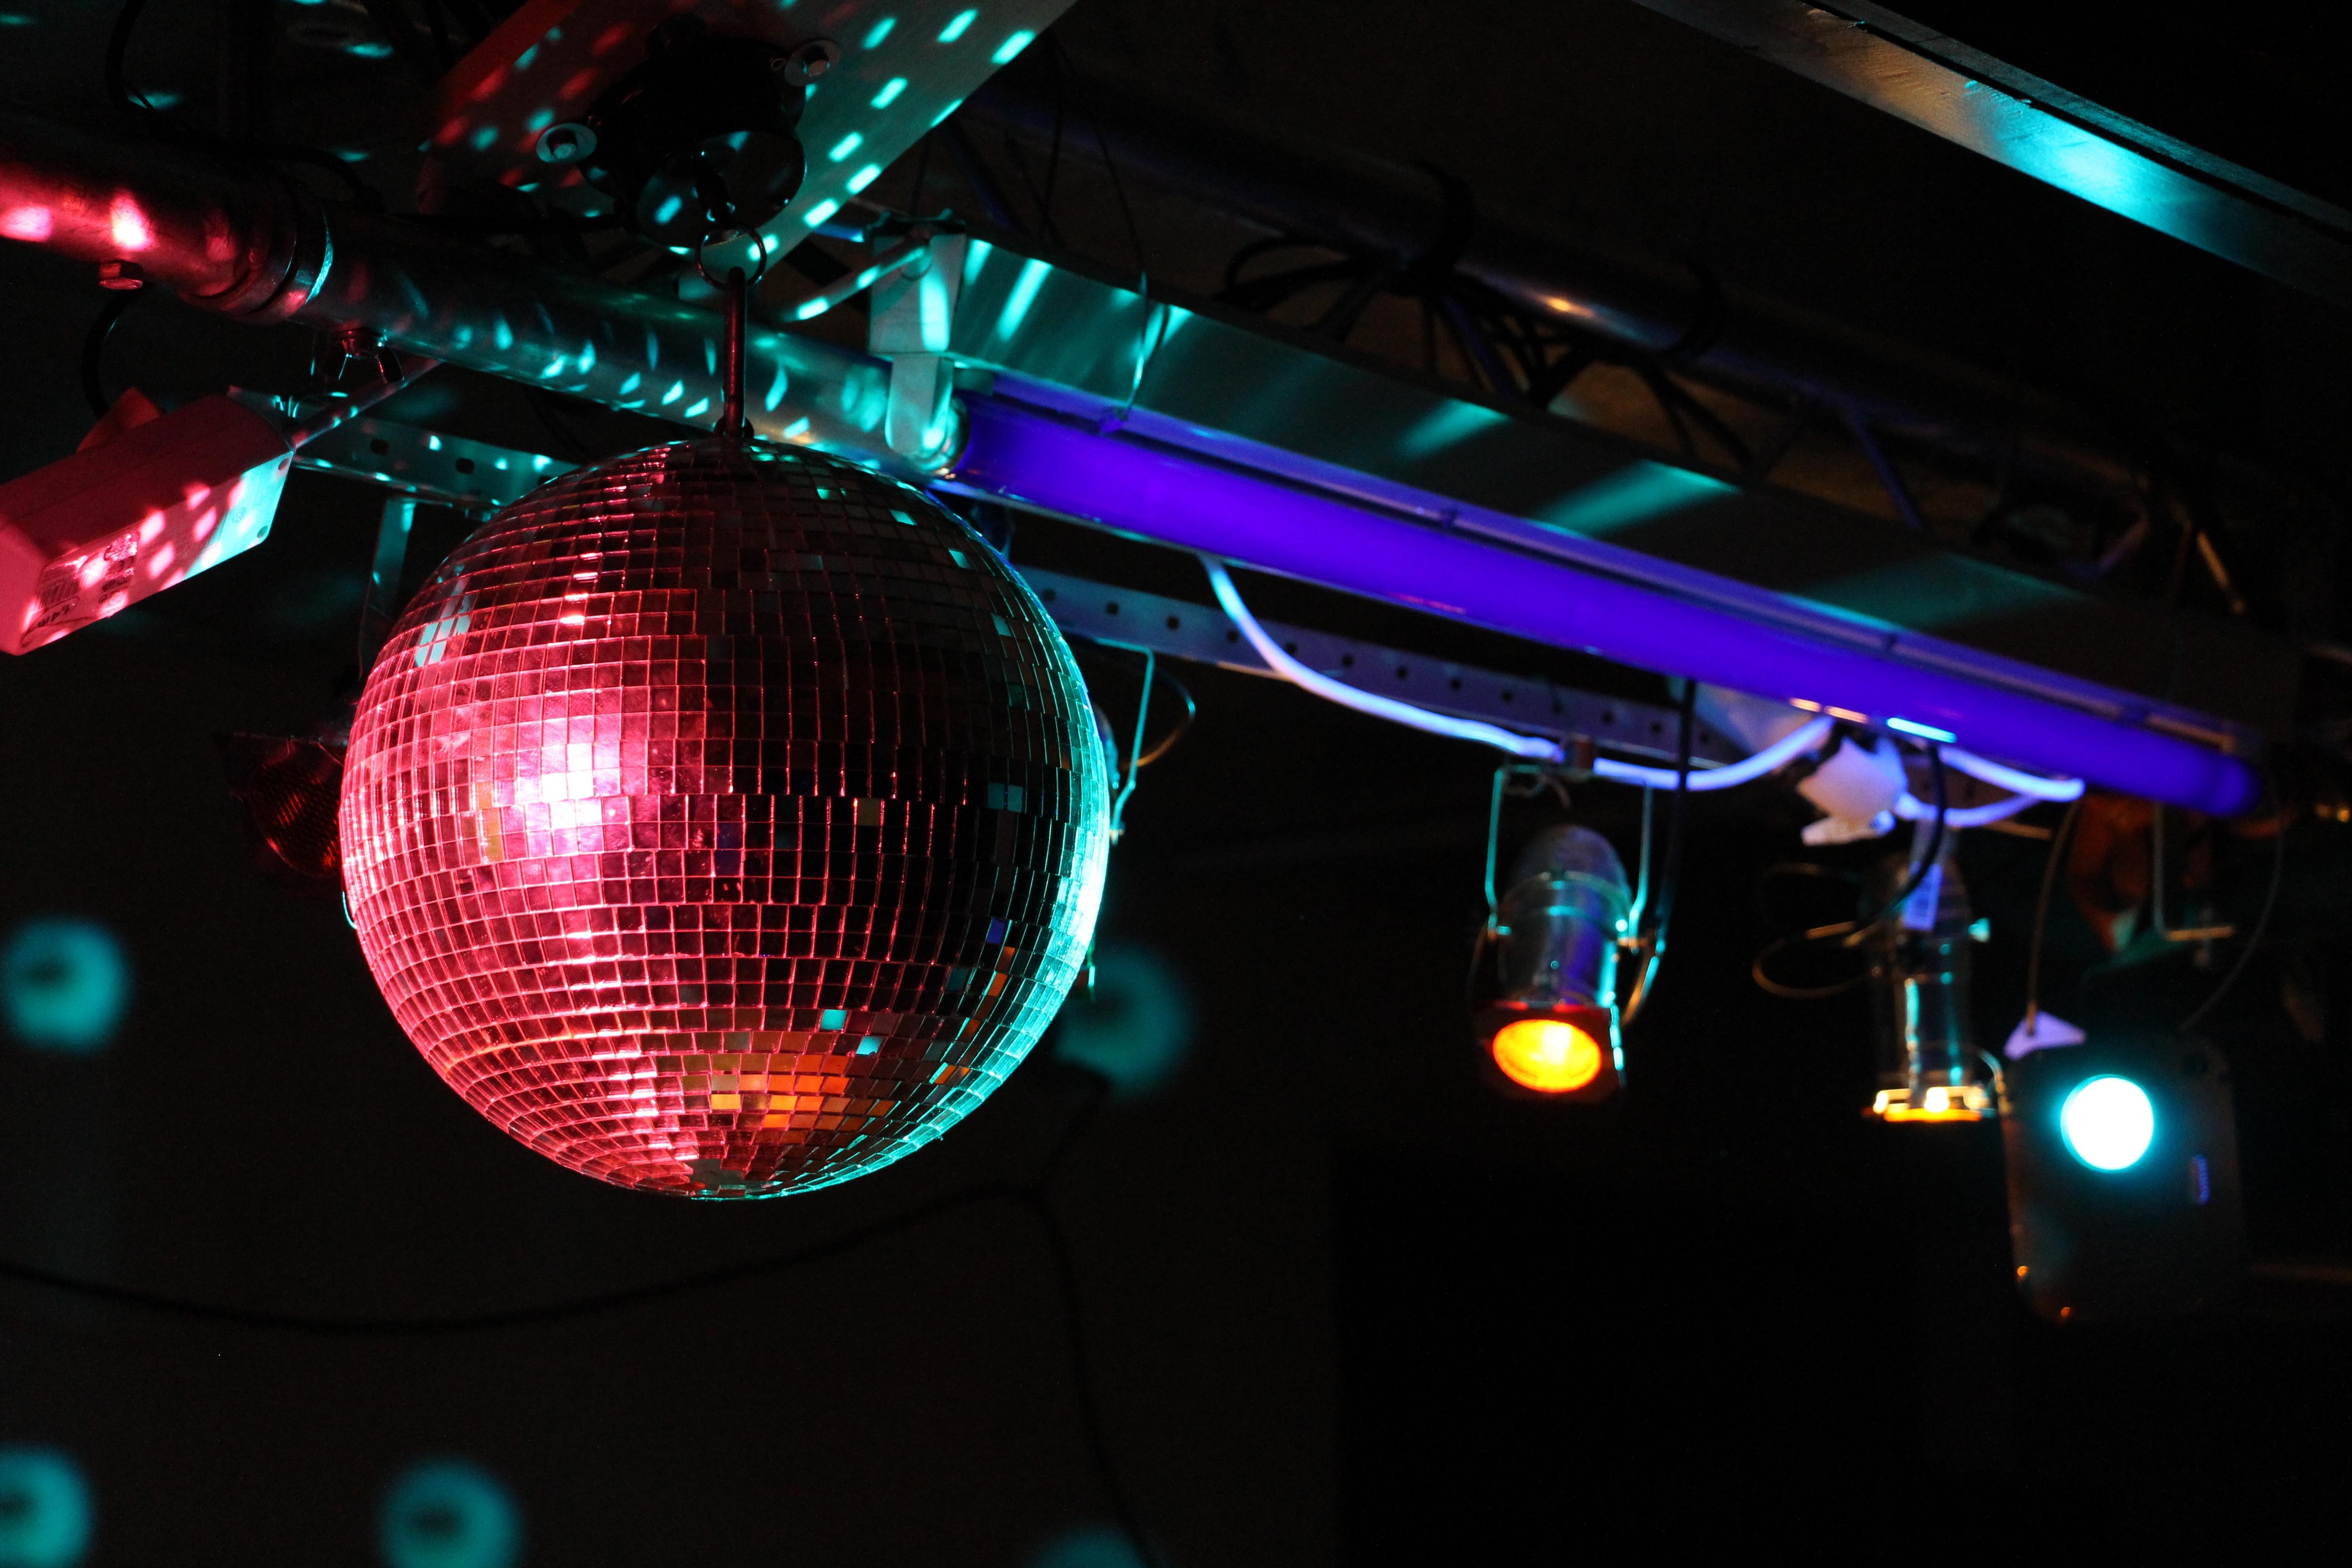 En servicio de discoteca espanola follandose a 2 chicas - 3 part 4